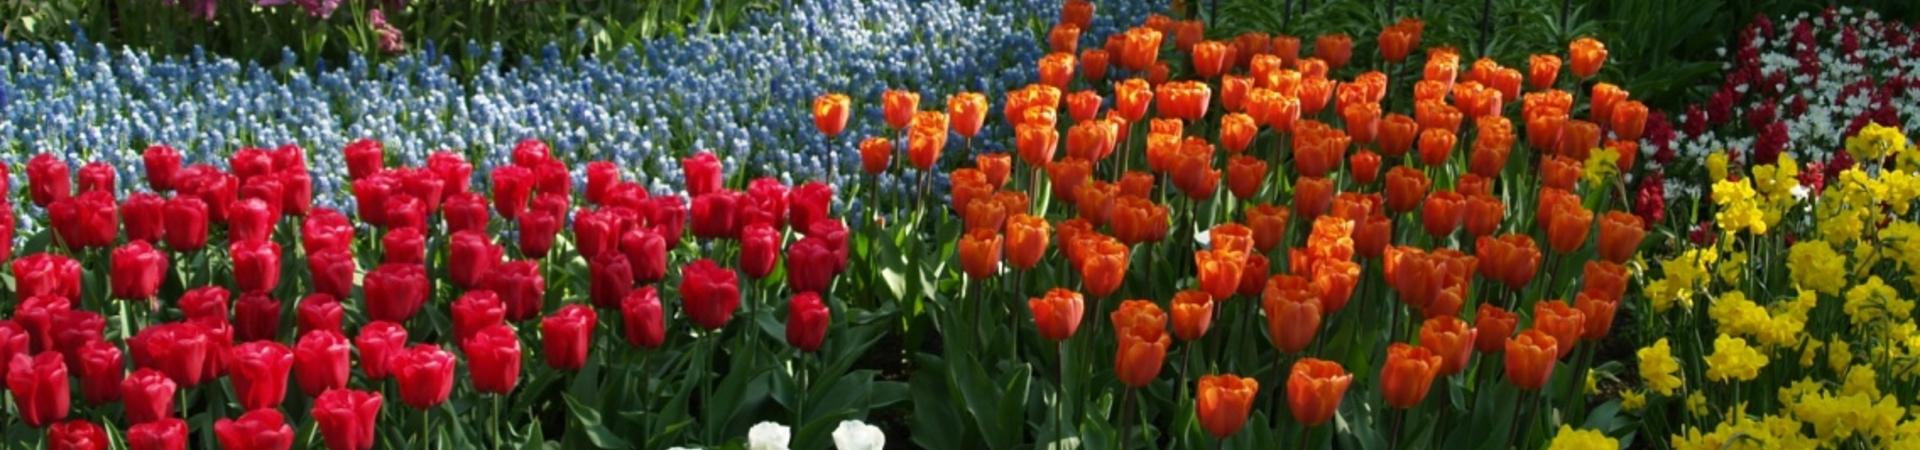 Organizuojama išvyka į tulpių žydėjimo šventę